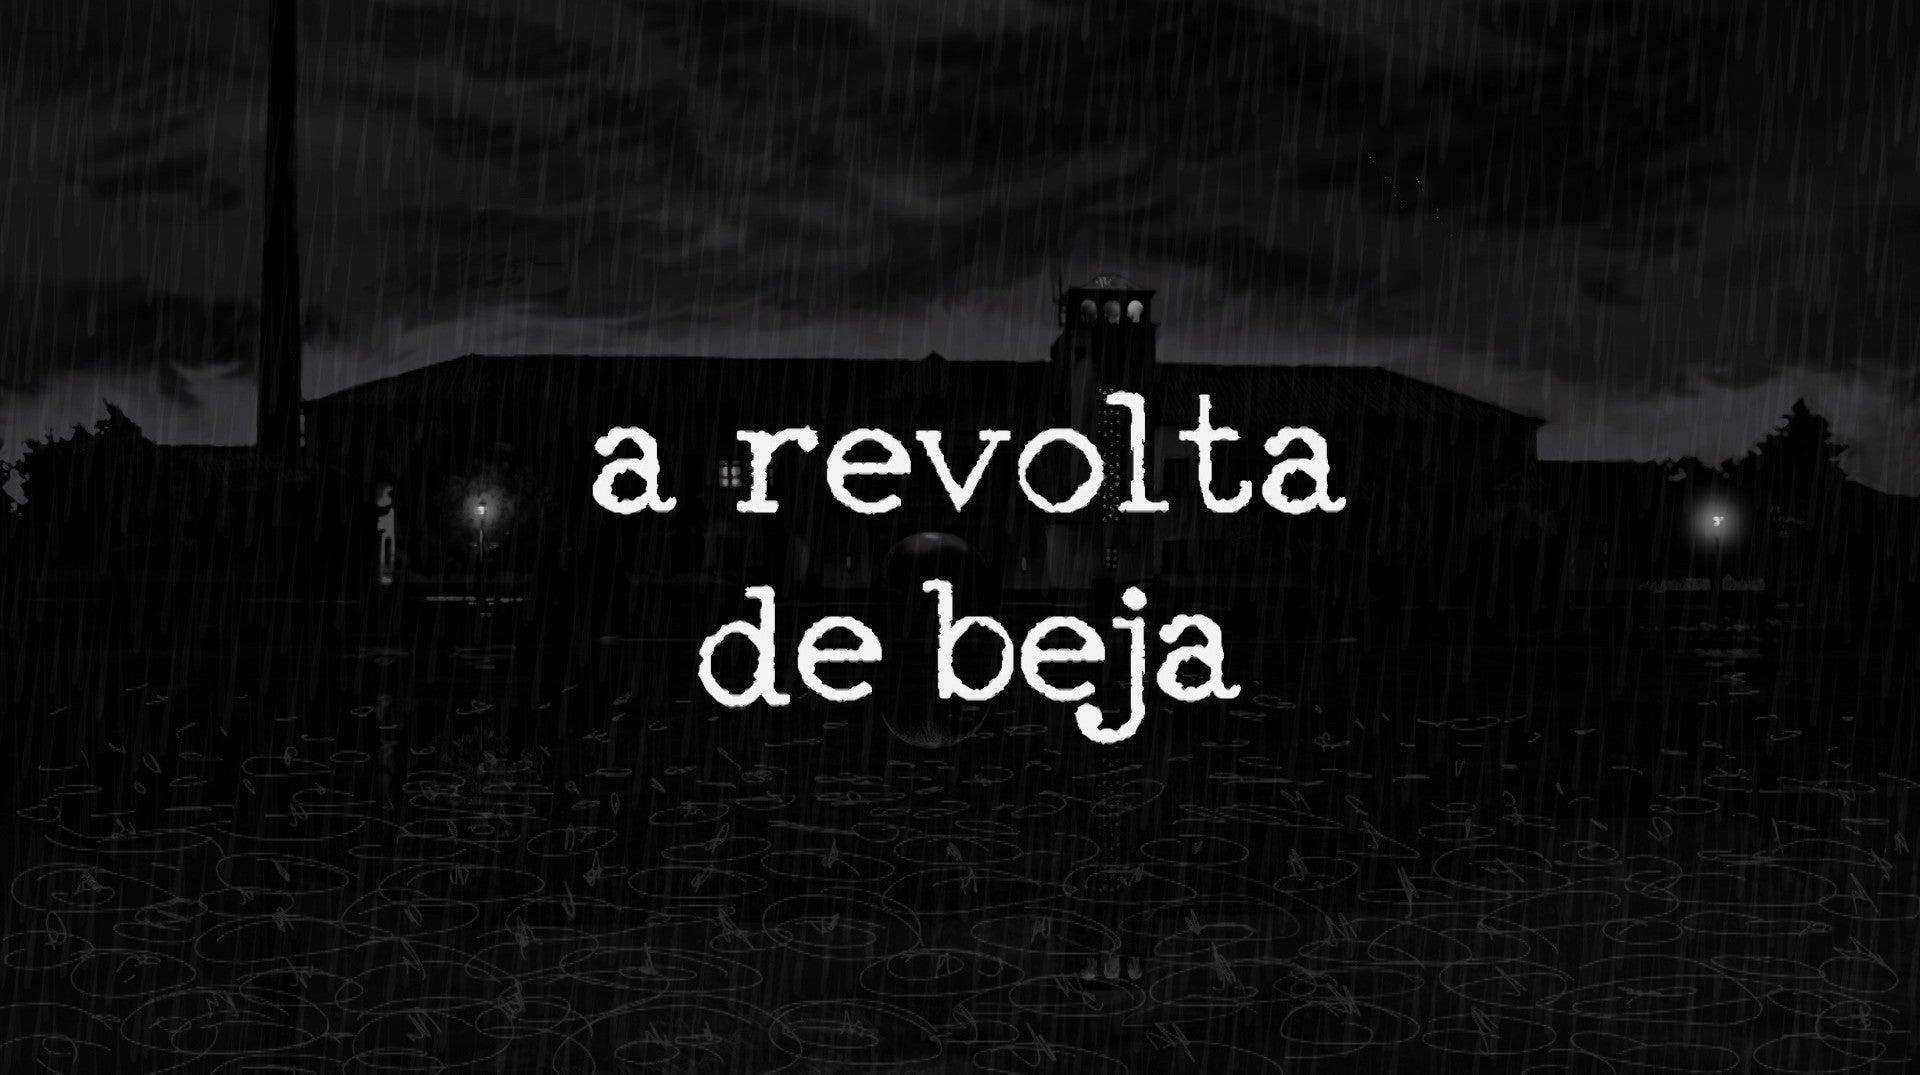 A Revolta de Beja